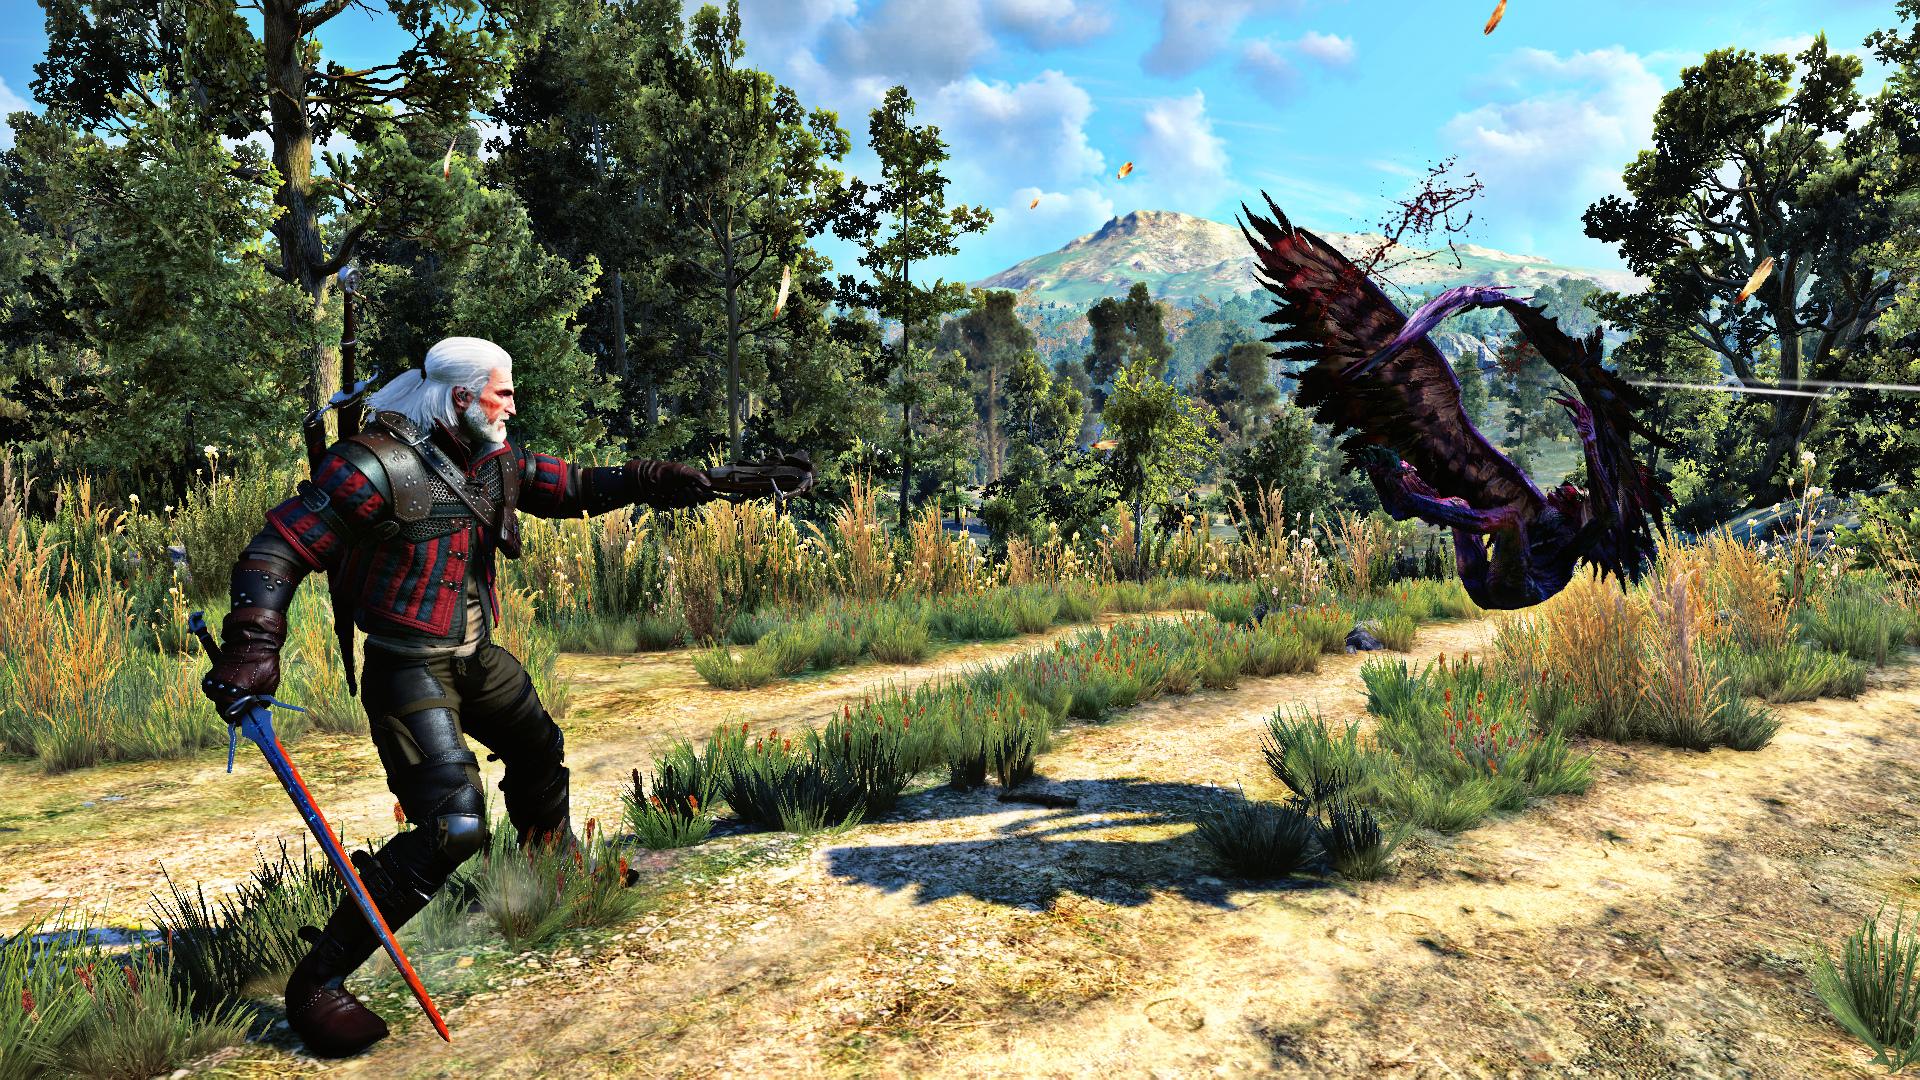 Геральт - Witcher 3: Wild Hunt, the Гарпия, Гвинблейд, Монстр